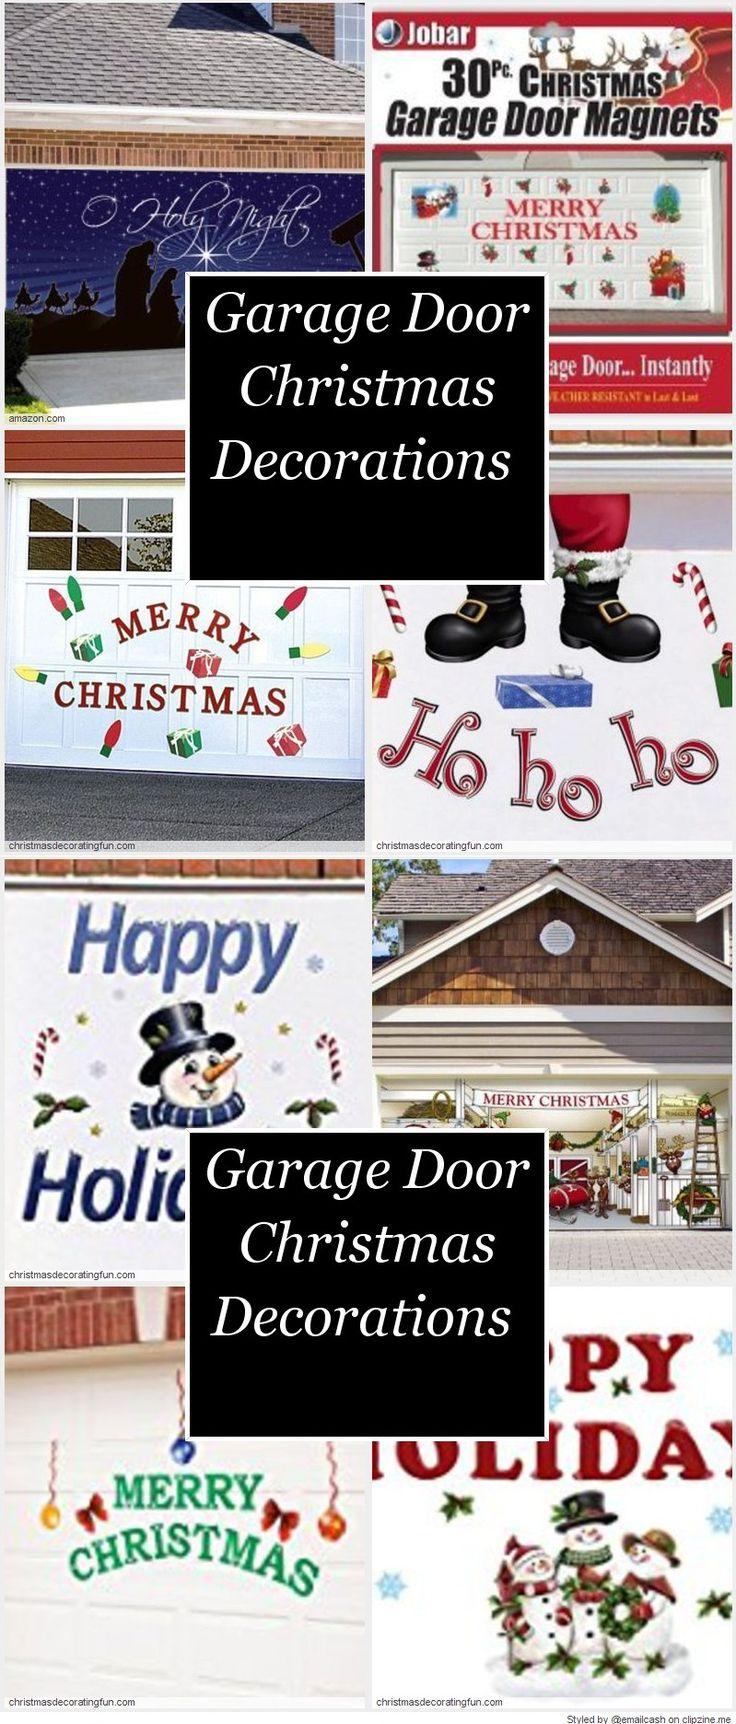 Garage door christmas decorations - Garage Door Christmas Decorations